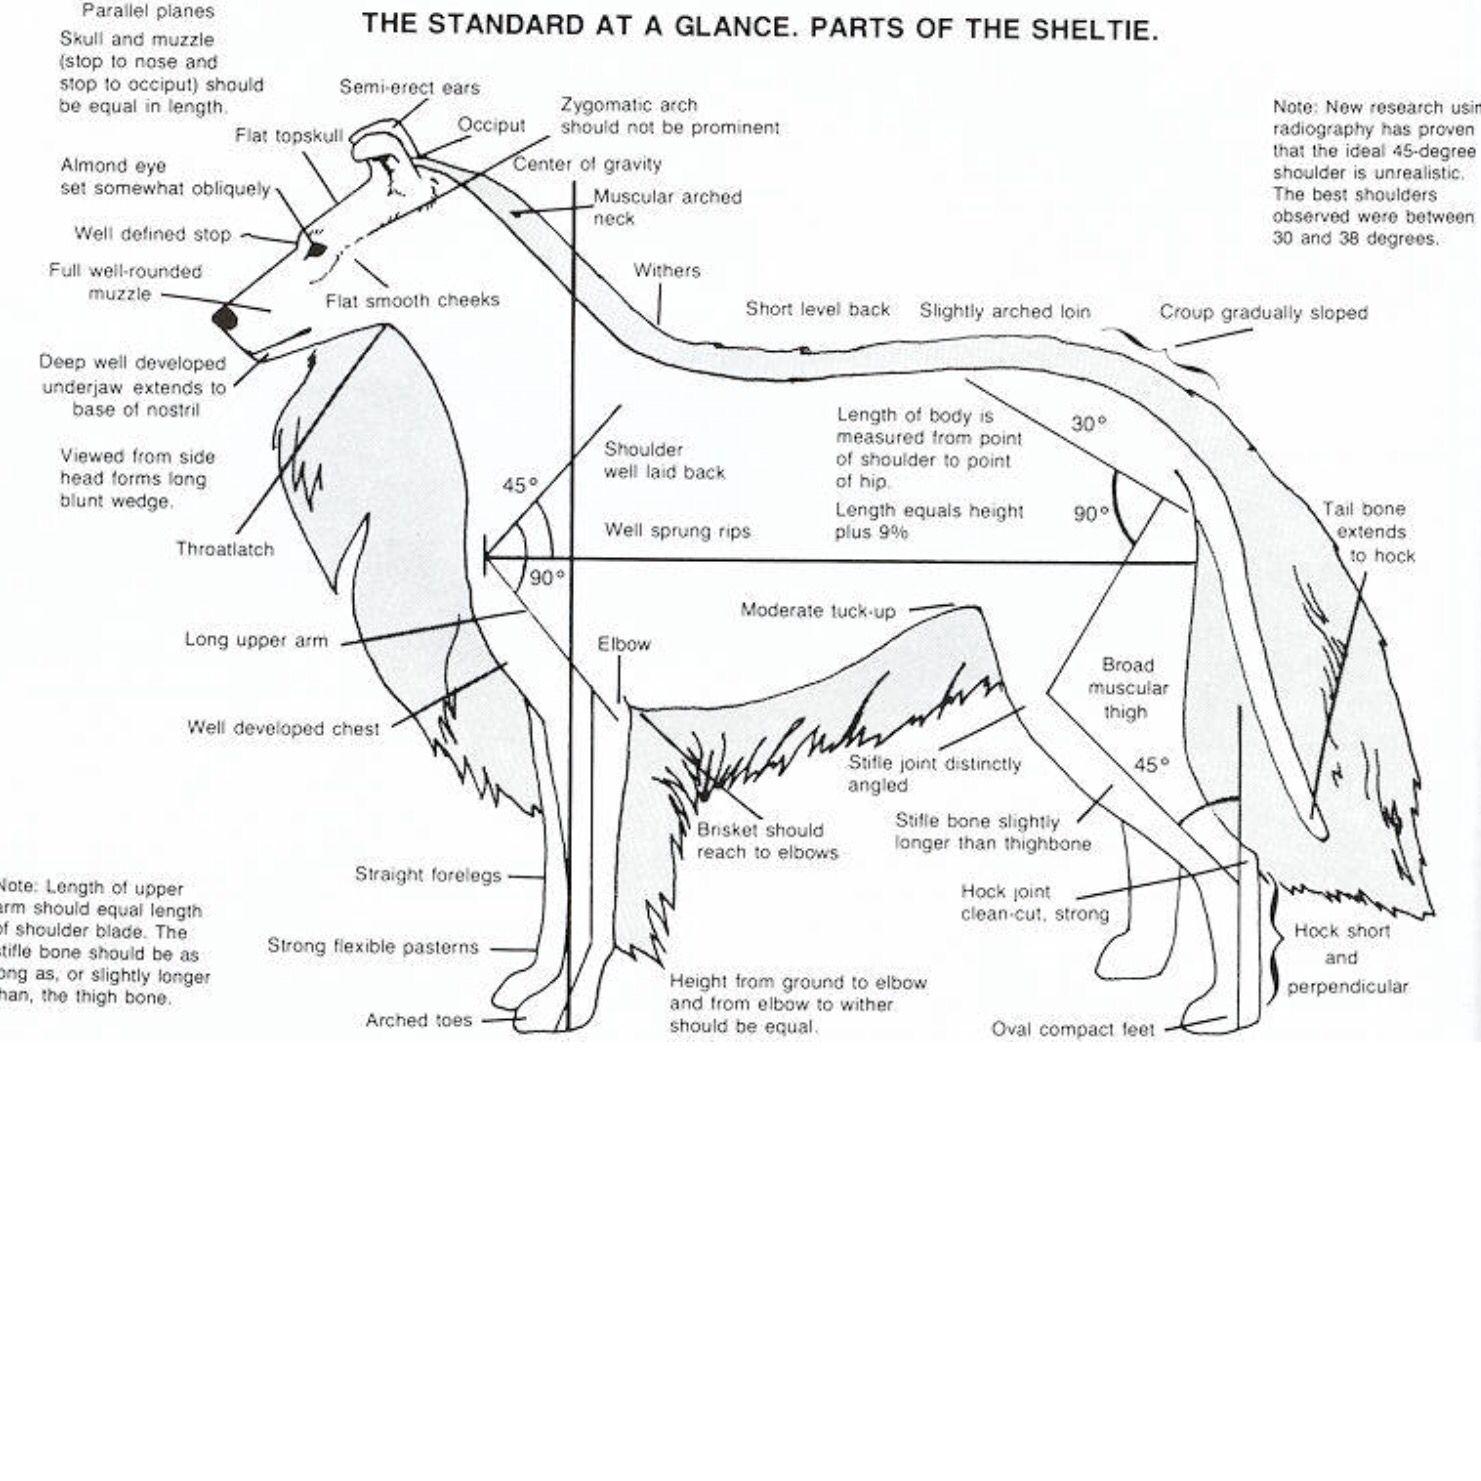 rat skeletal system illustration with parts